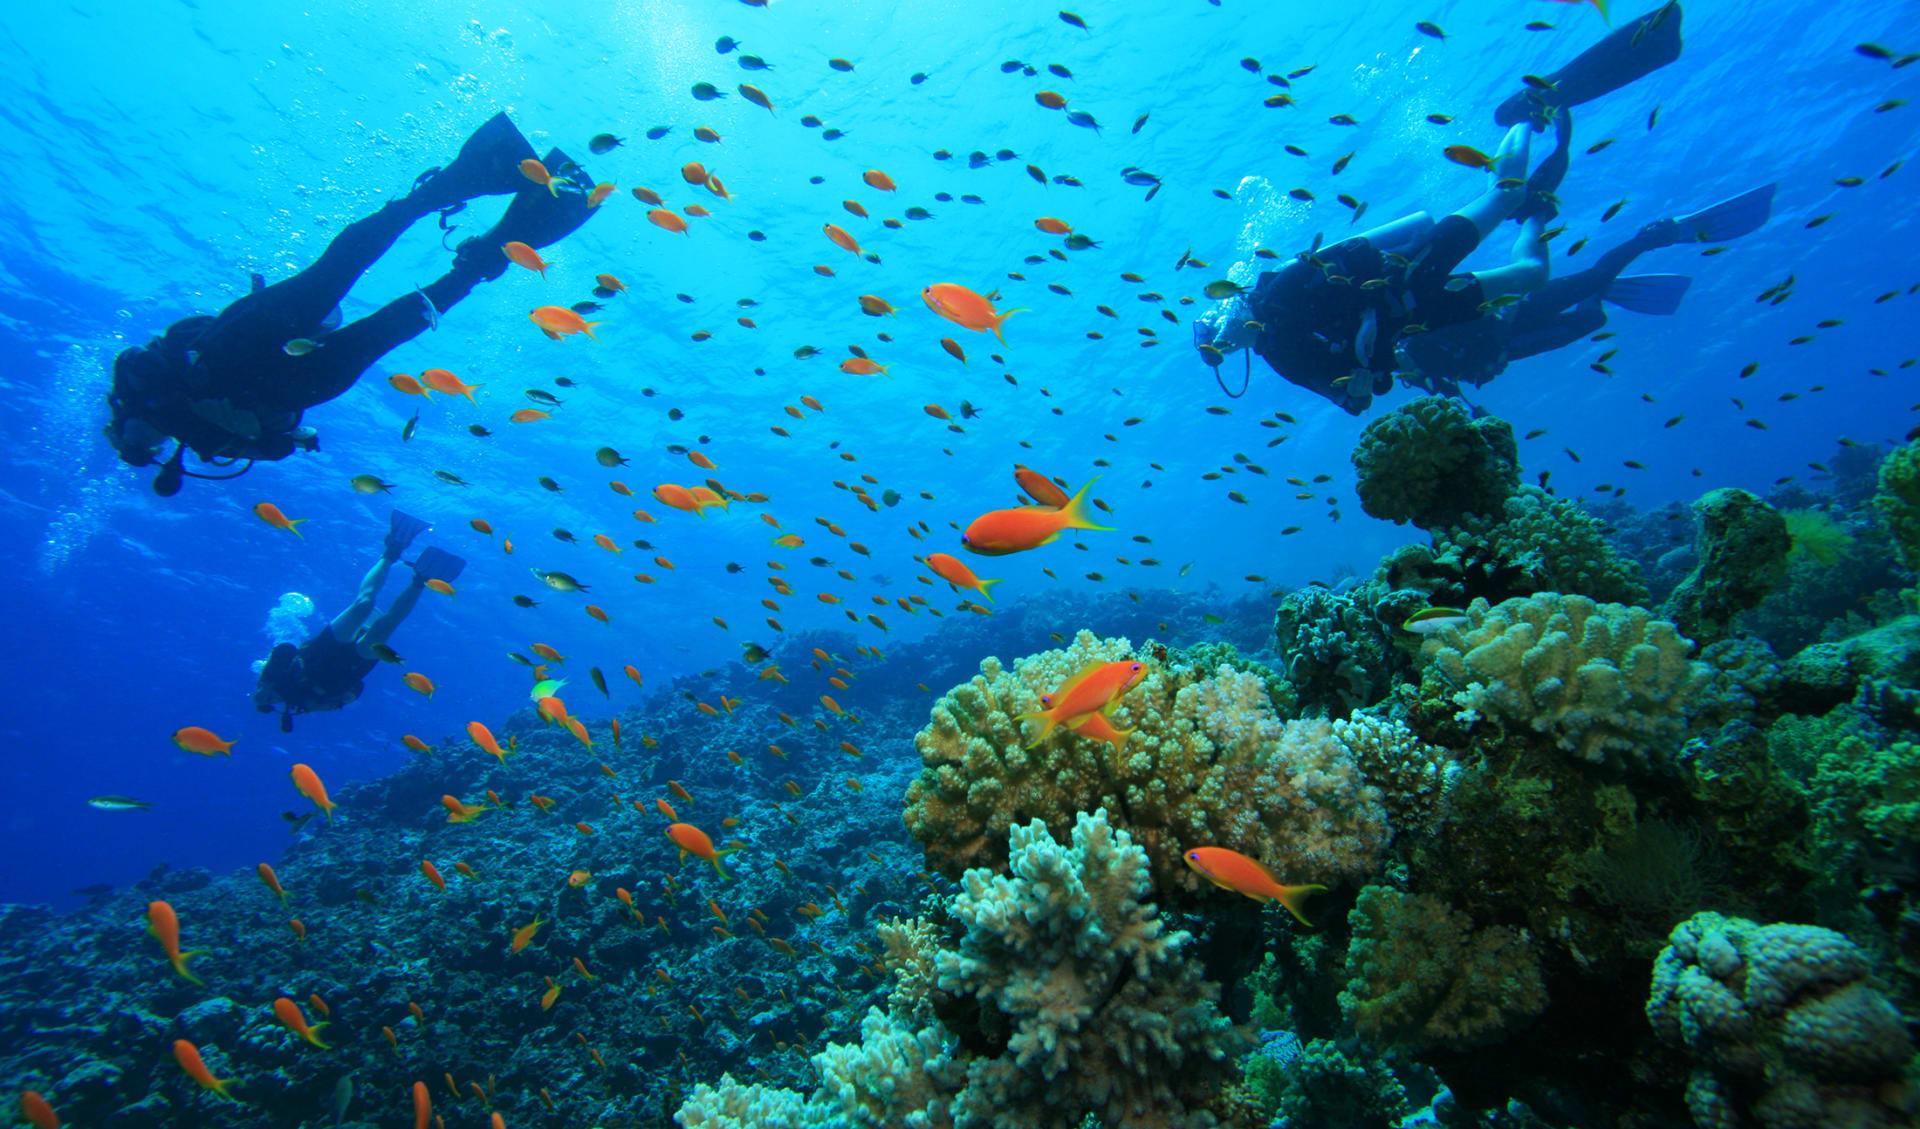 Tauchen mit tropischen Fischen, Costa Rica